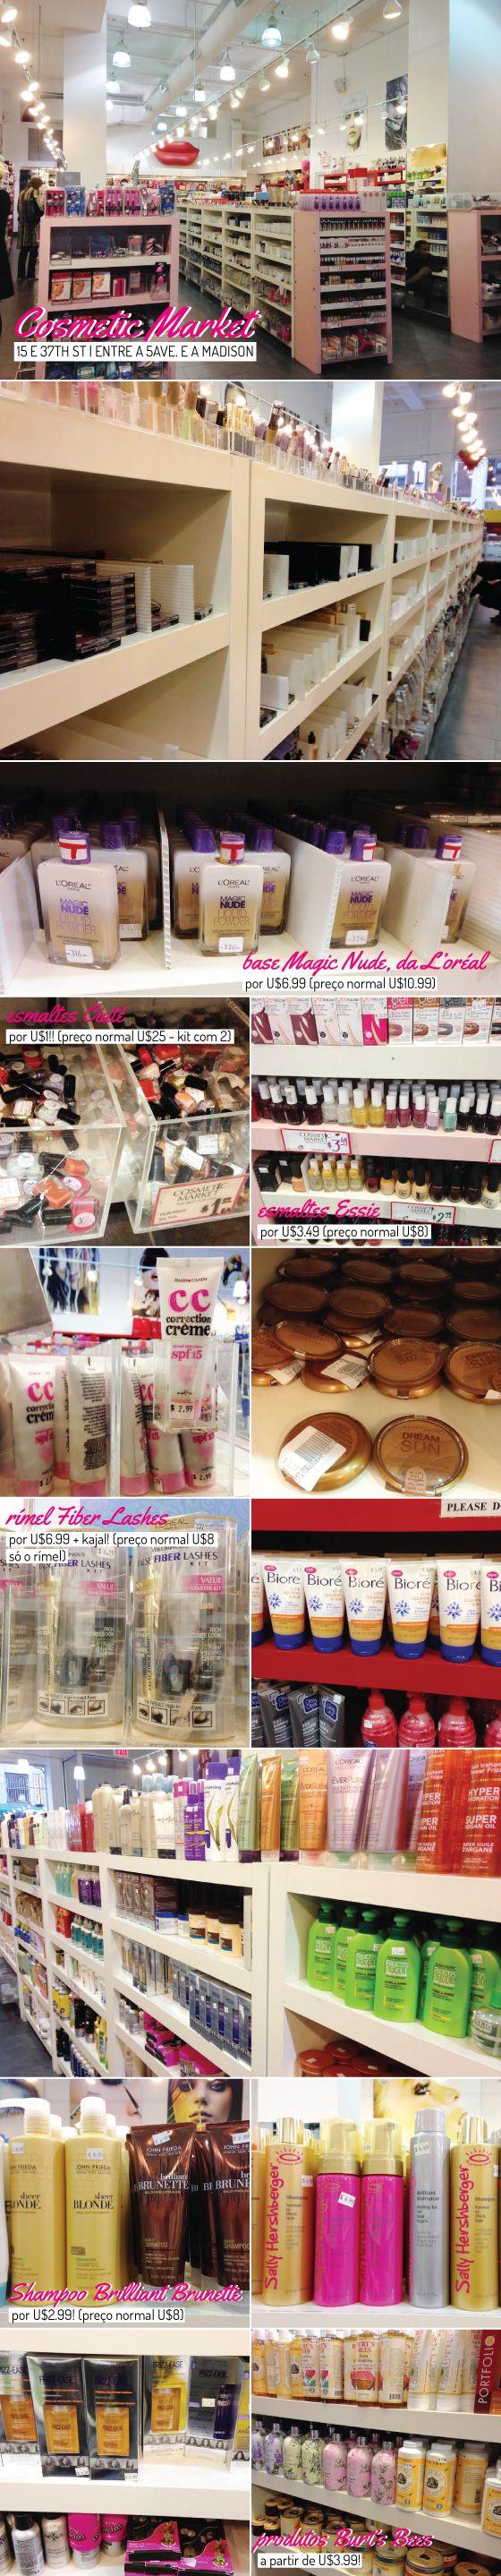 Cosmetic Market NY